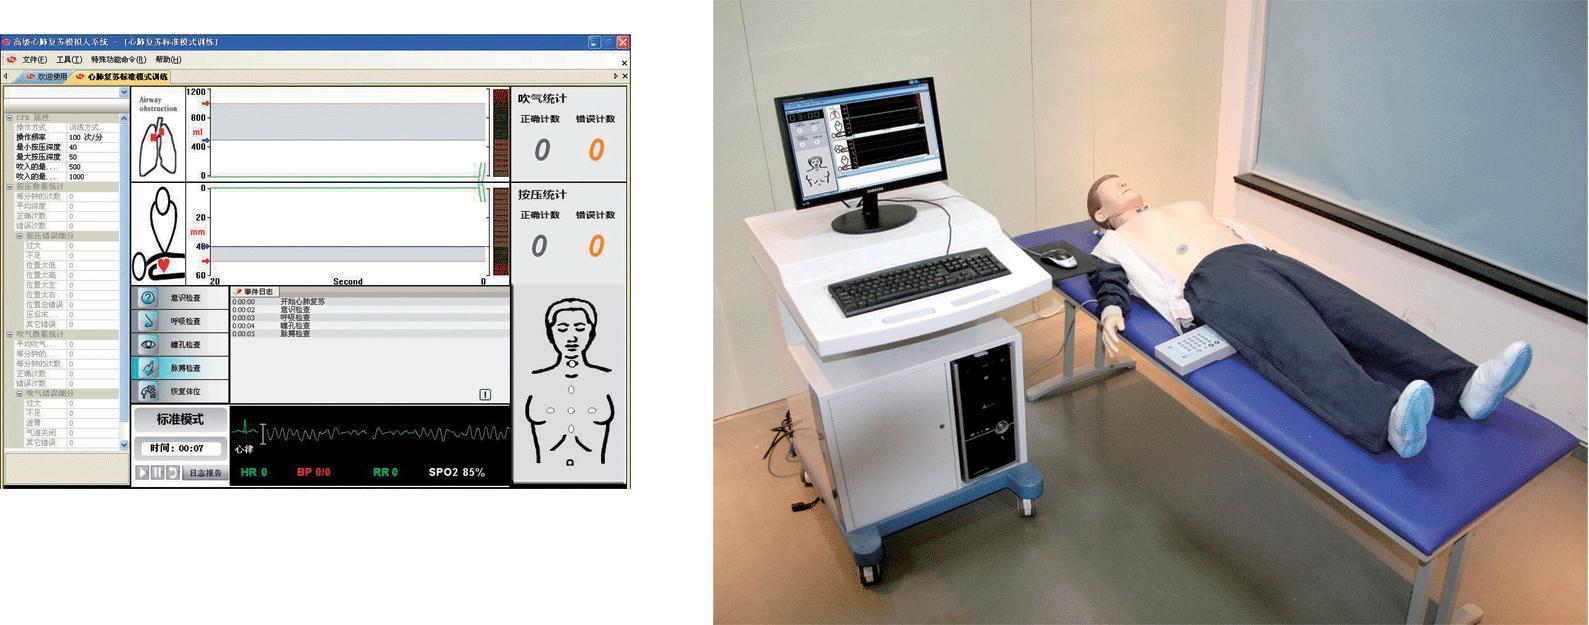 产品介绍: 高级心肺复苏、AED除颤模拟人(计算机控制、三合一组合)GD/BLS10700 本产品真实模拟BLS急救,模拟人可进行CPR训练、连接真实的监护仪,并可使用真实的除颤起搏仪进行除颤和起搏训练,模拟人能对除颤起搏作出相应的生理反应,并通过监护设备反映出来。 执行标准:美国心脏学会(AHA)2010国际心肺复苏(CPR)&心血管急救(ECC)指南标准。 主要功能特点:(该款模拟人可在办公电脑安装软件,不影响其它办公工作)  生命特征模拟:瞳孔变化及颈动脉的搏动,真实模拟ECG的变化。